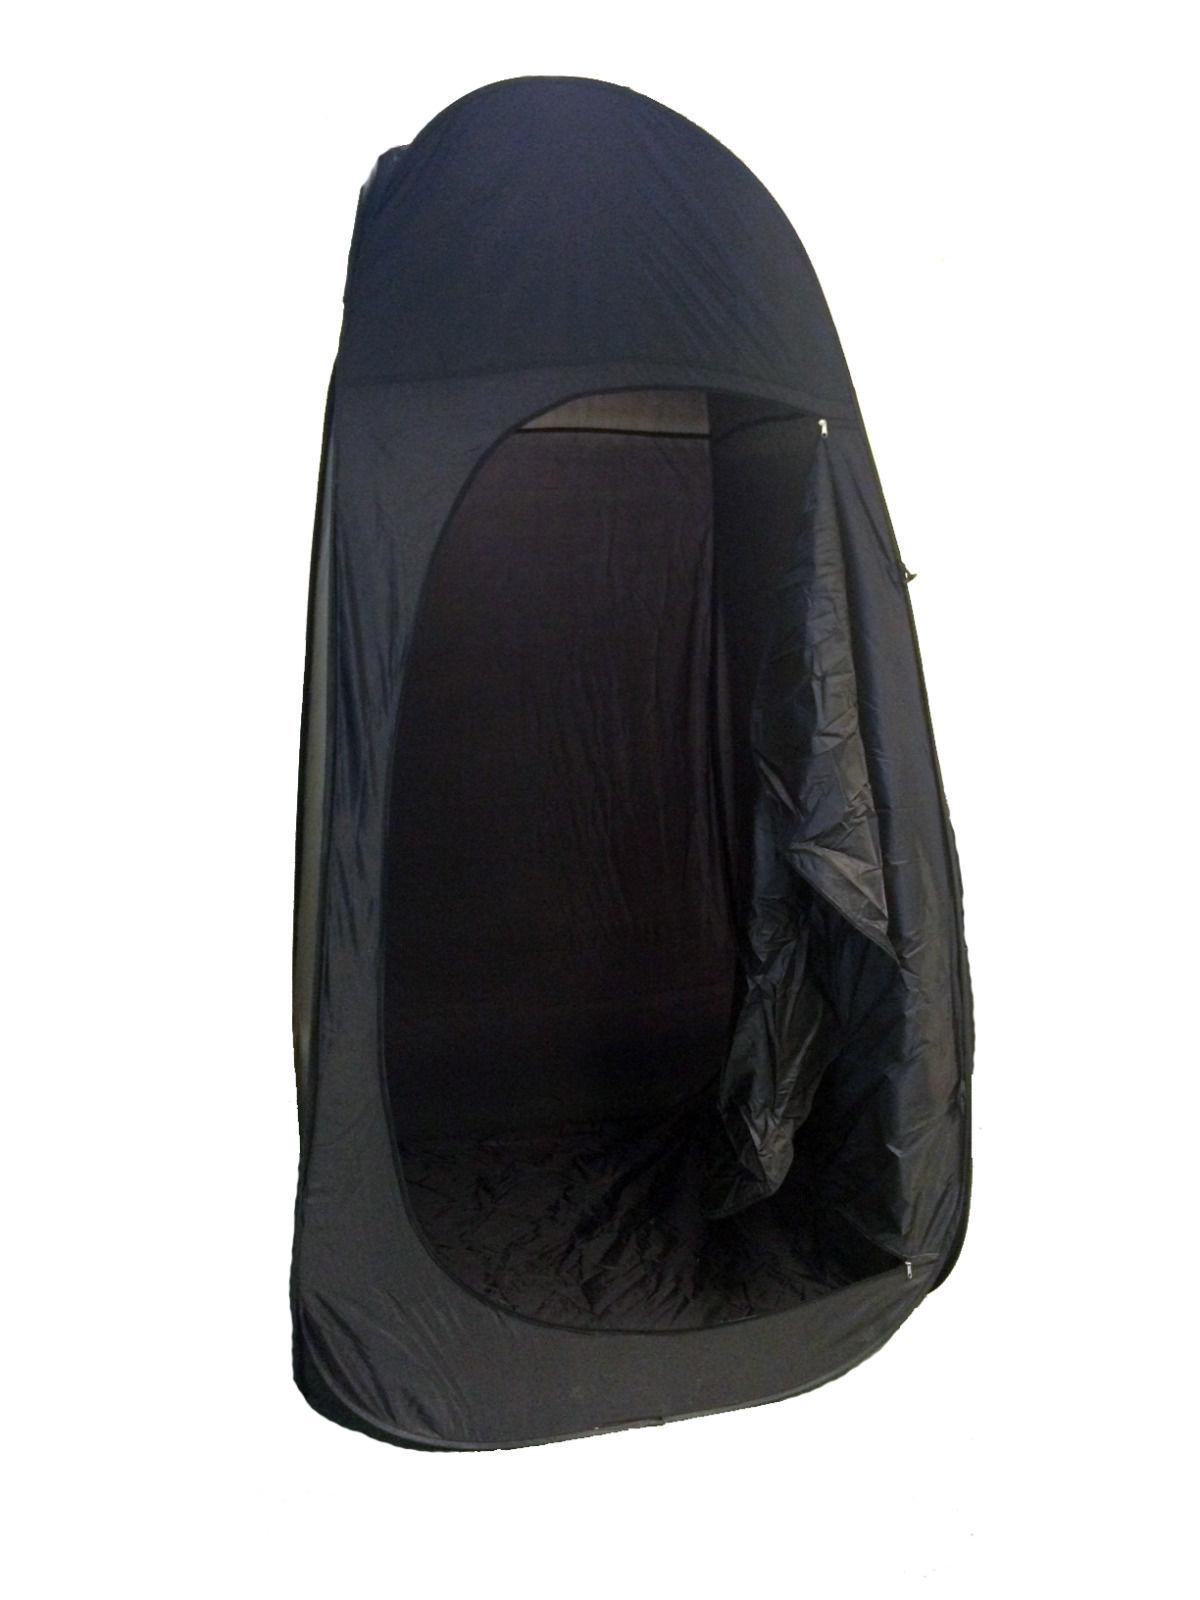 Прочие полезные аксессуары Палатка для смены одежды __57__1_.JPG